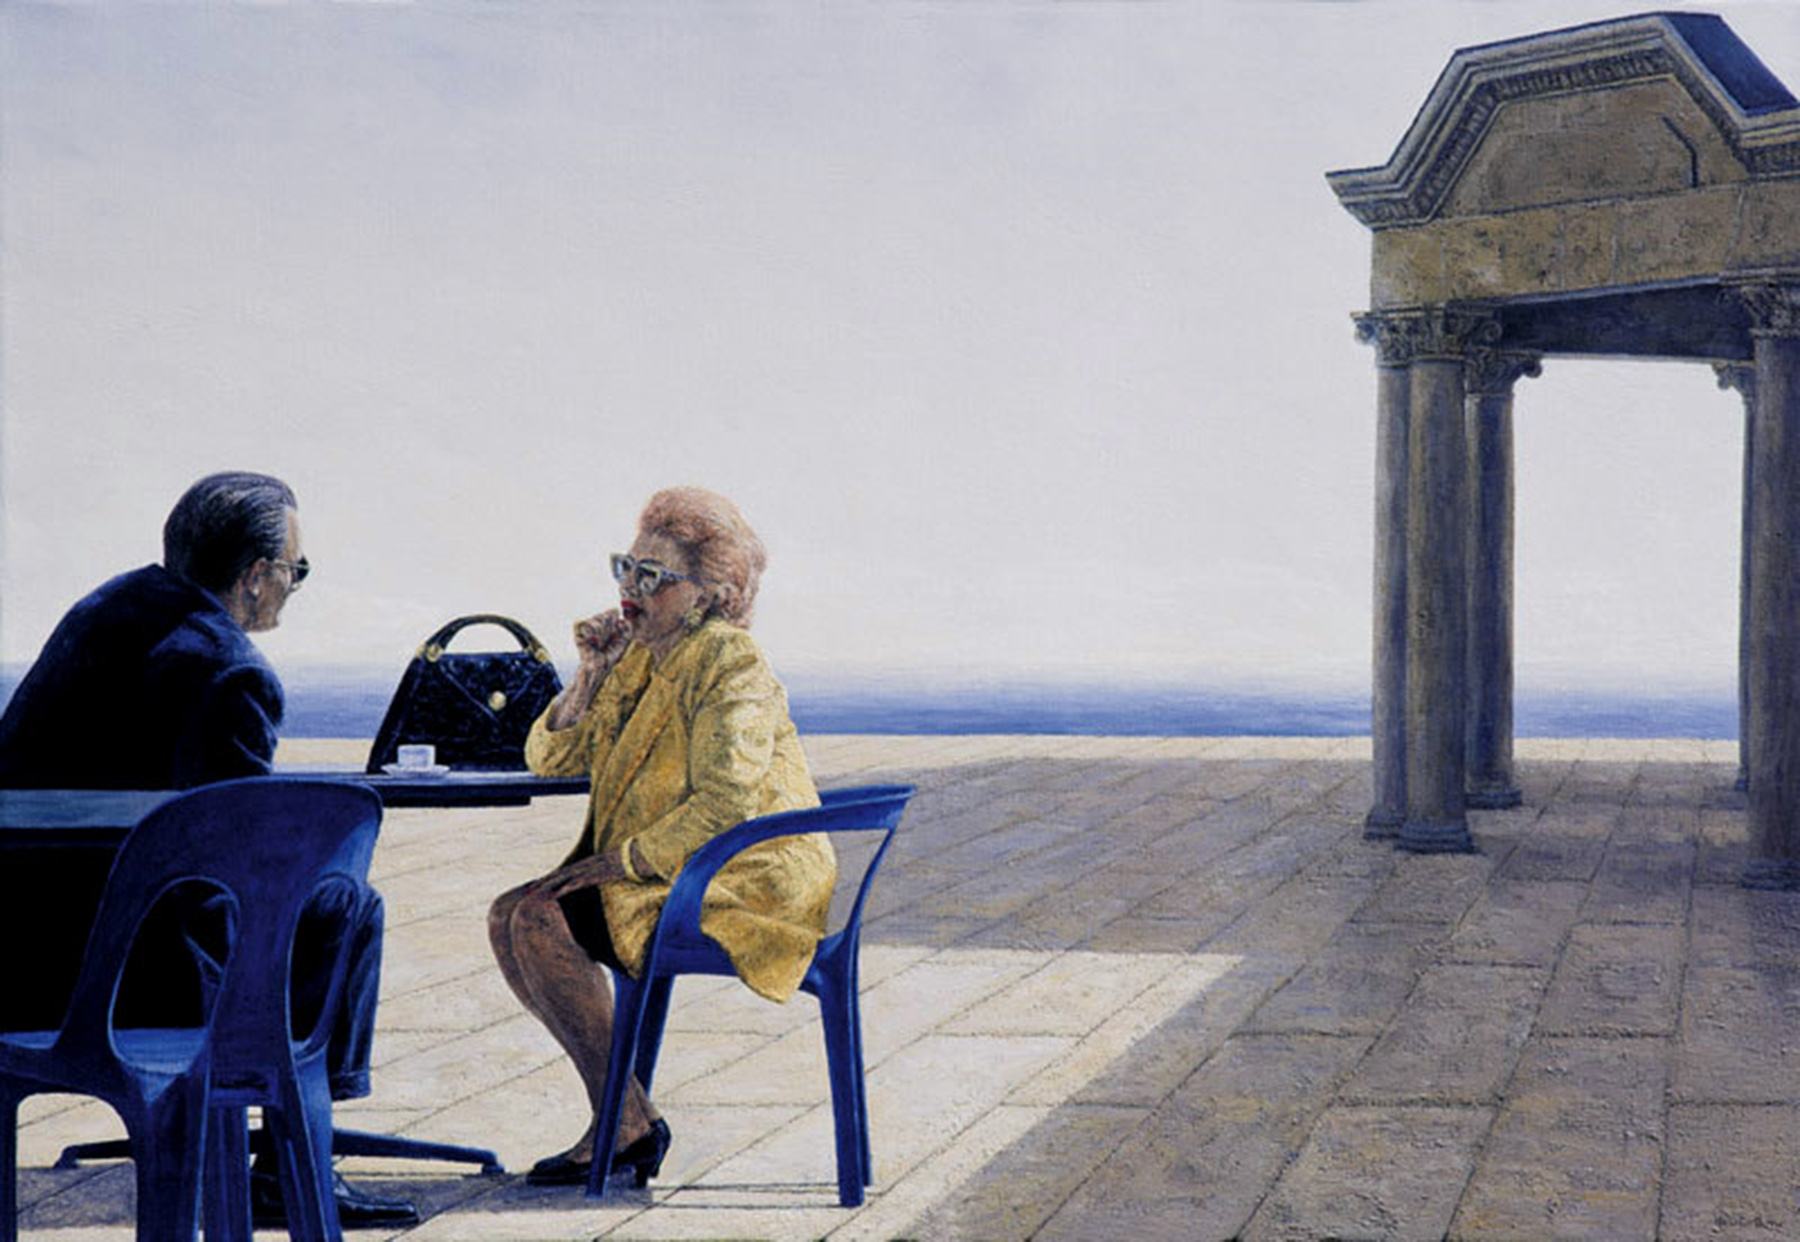 RENCONTRE, 2000, 90x130